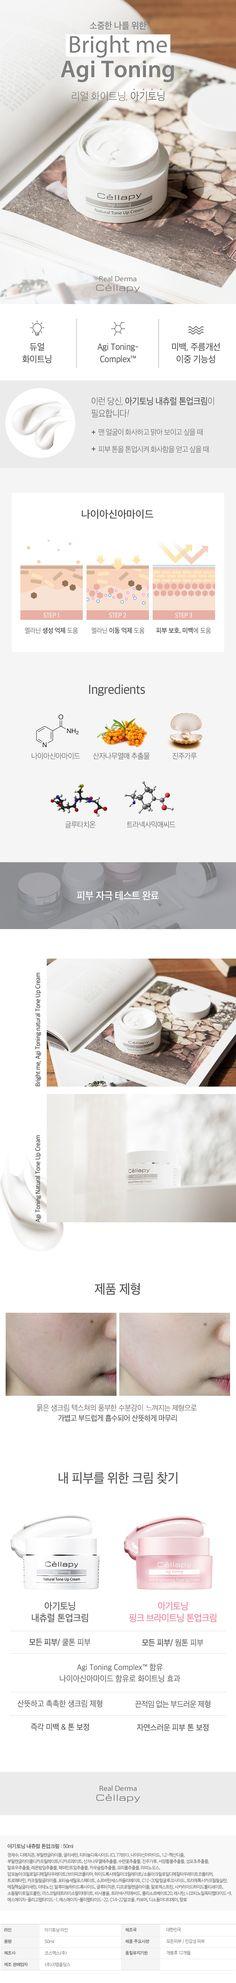 아기토닝 내츄럴 톤업크림 Page Design, Layout Design, Web Design, Graphic Design, Cosmetic Design, Promotional Design, Asian Design, Page Layout, Design Reference